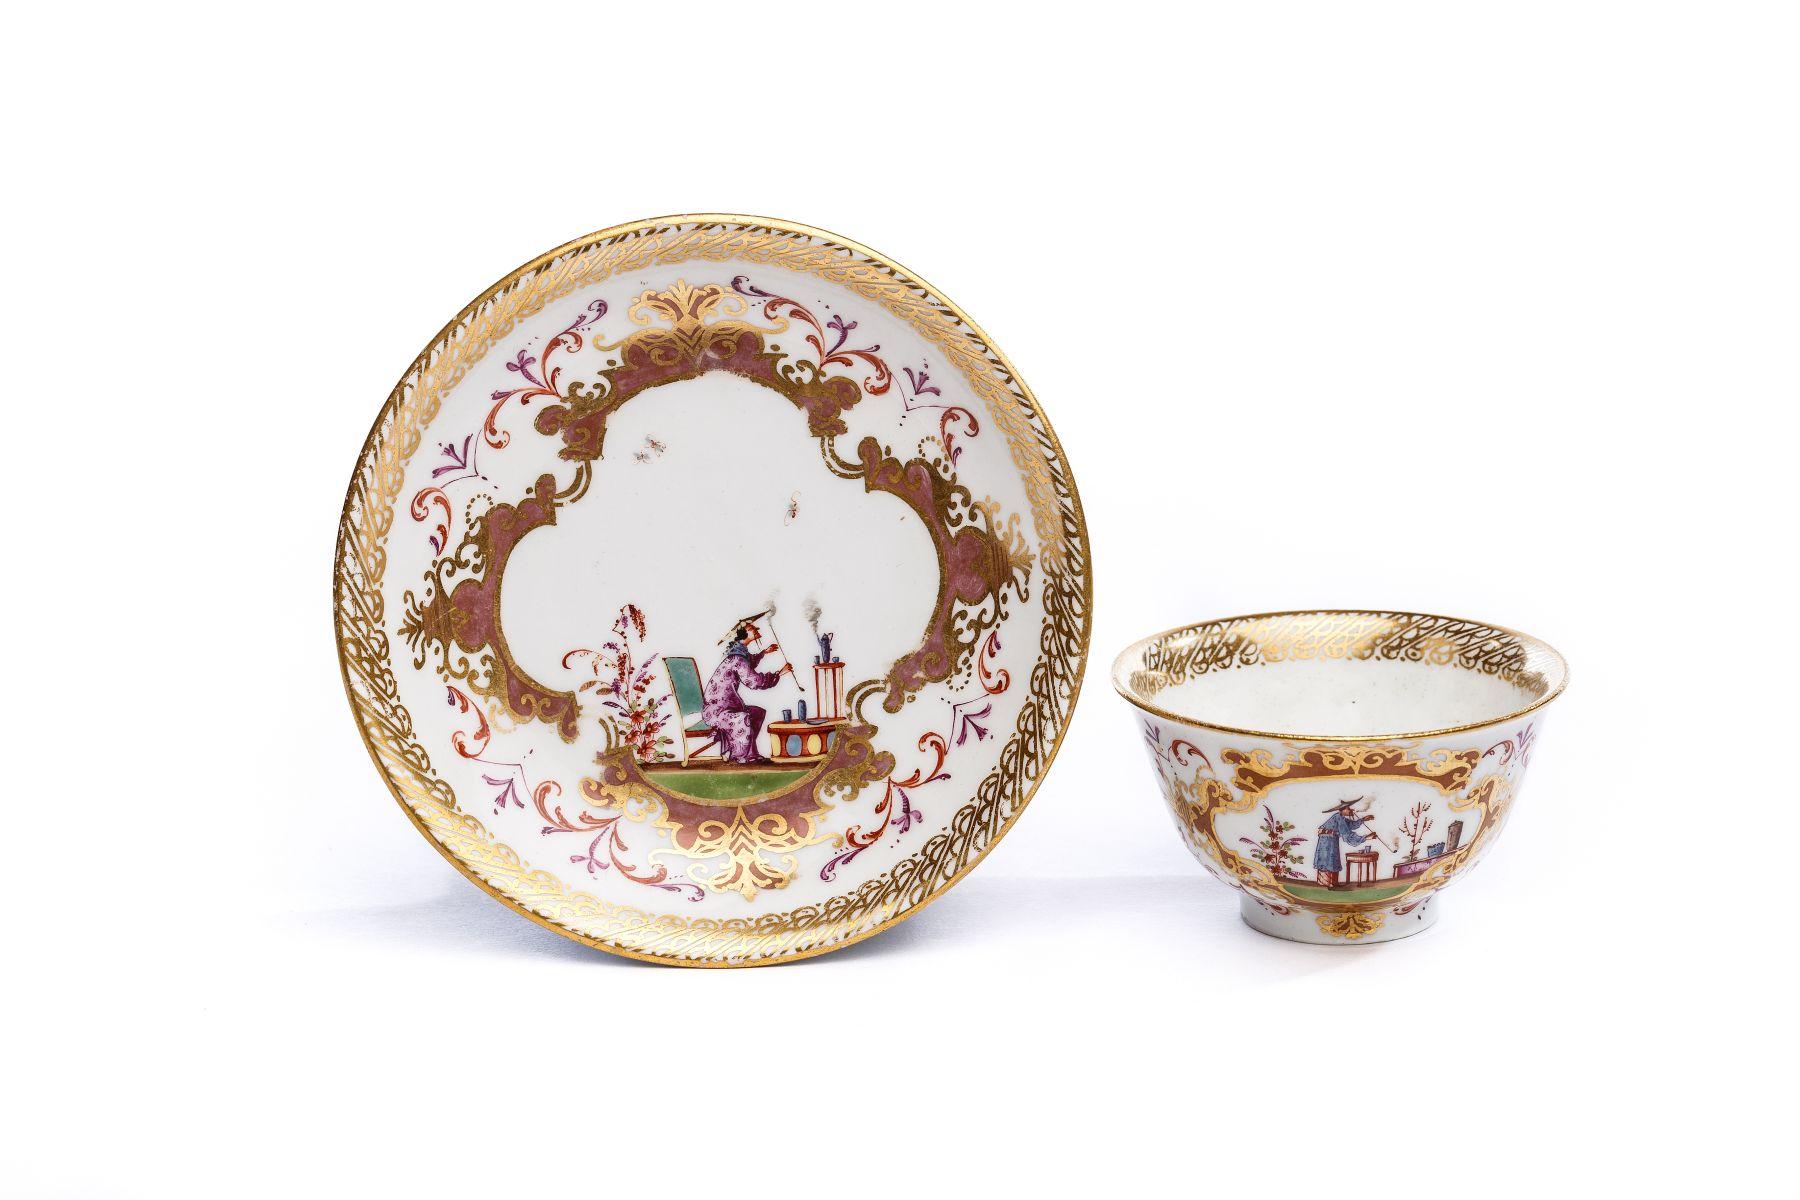 #63 Bowl with saucer, Meissen 1723/25 | Koppchen mit Unterschale, Meissen 1723/25 Image